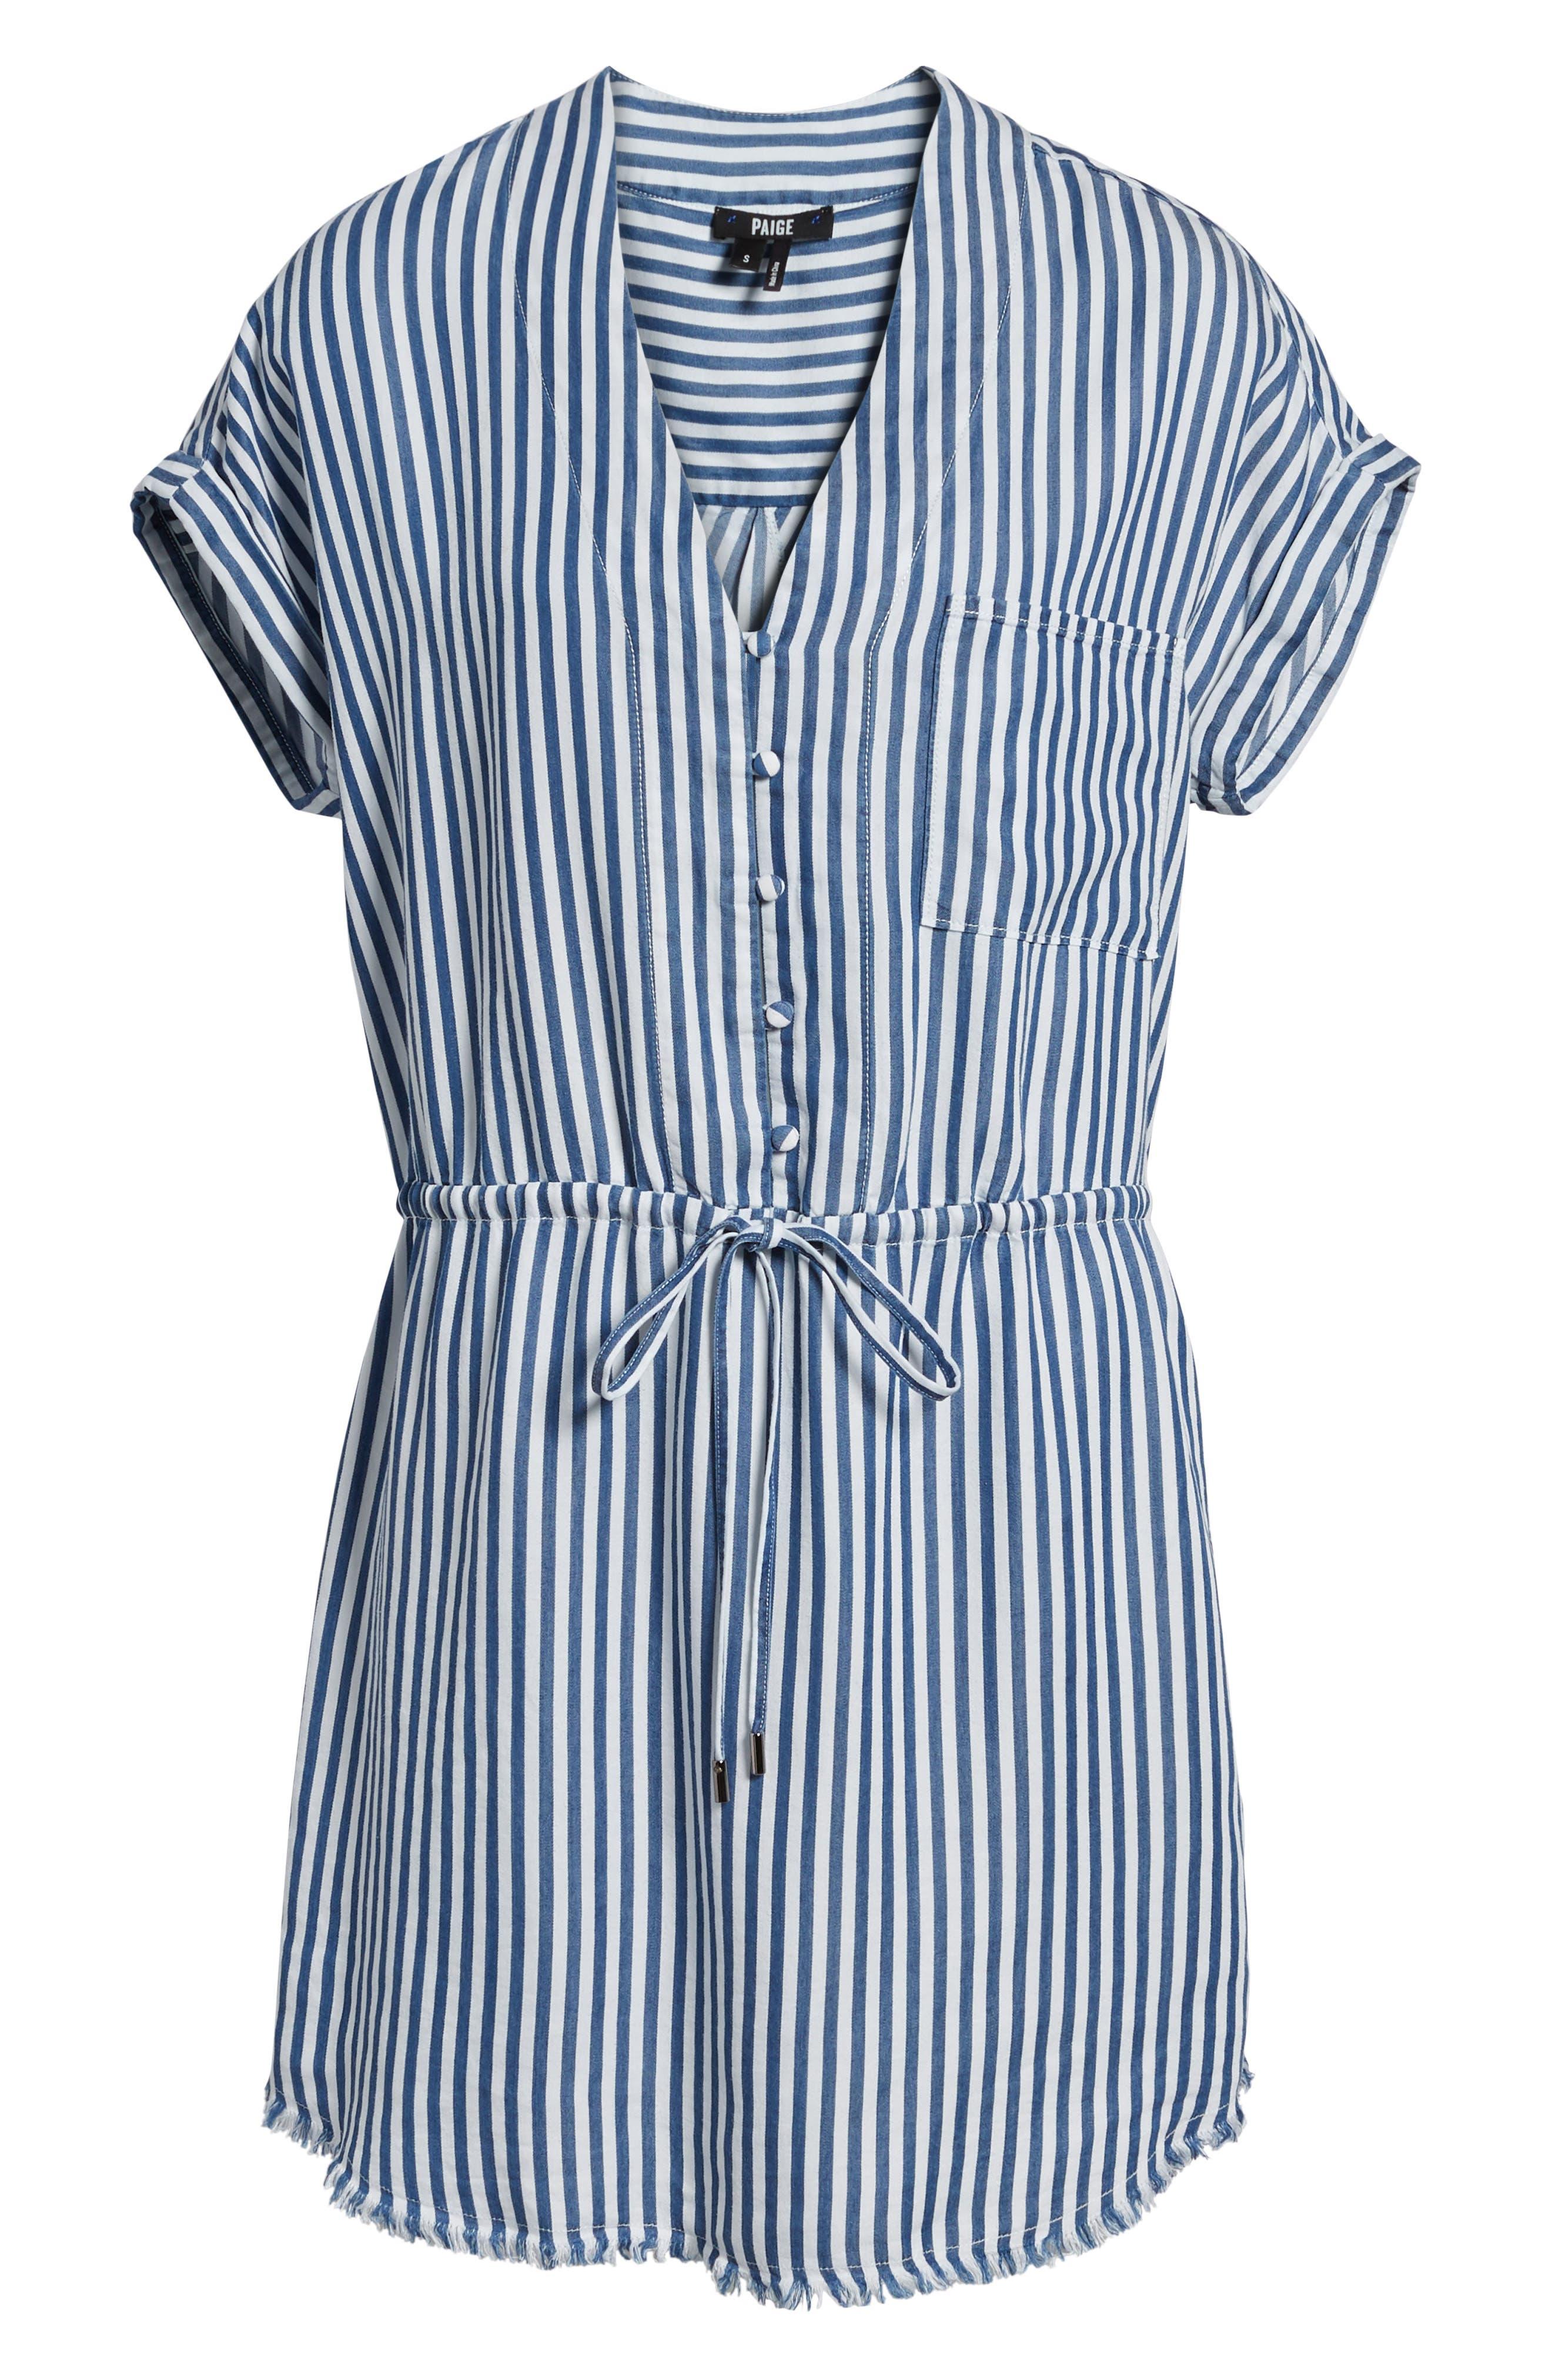 Haidee Stripe Shift Dress,                             Alternate thumbnail 7, color,                             WHITE/ BLUE BELL STRIPE